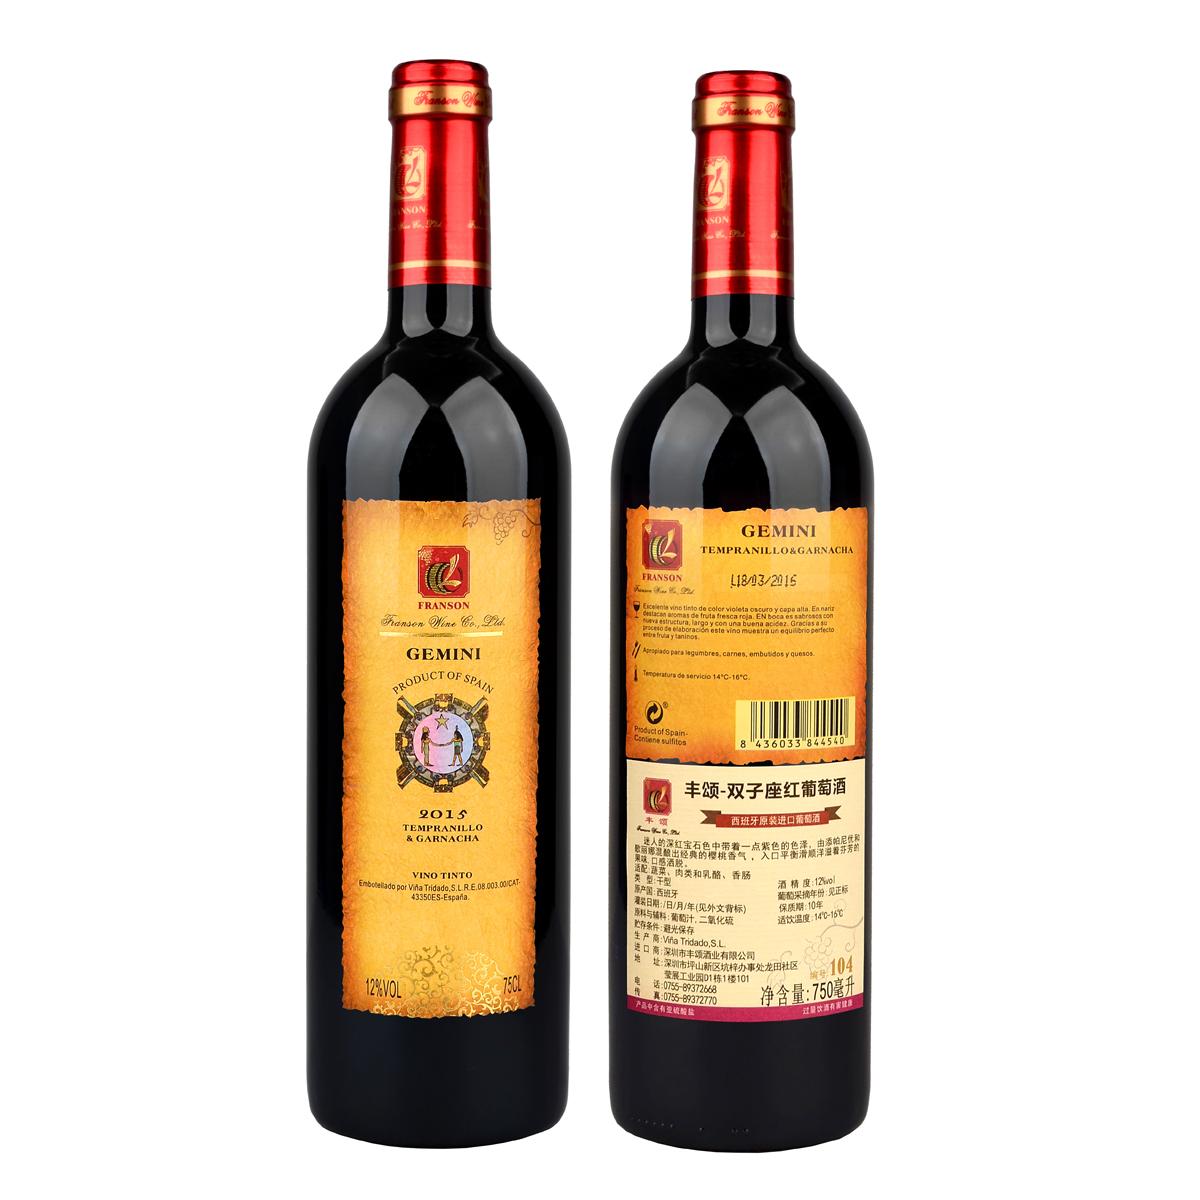 丰颂-双子座104红葡萄酒